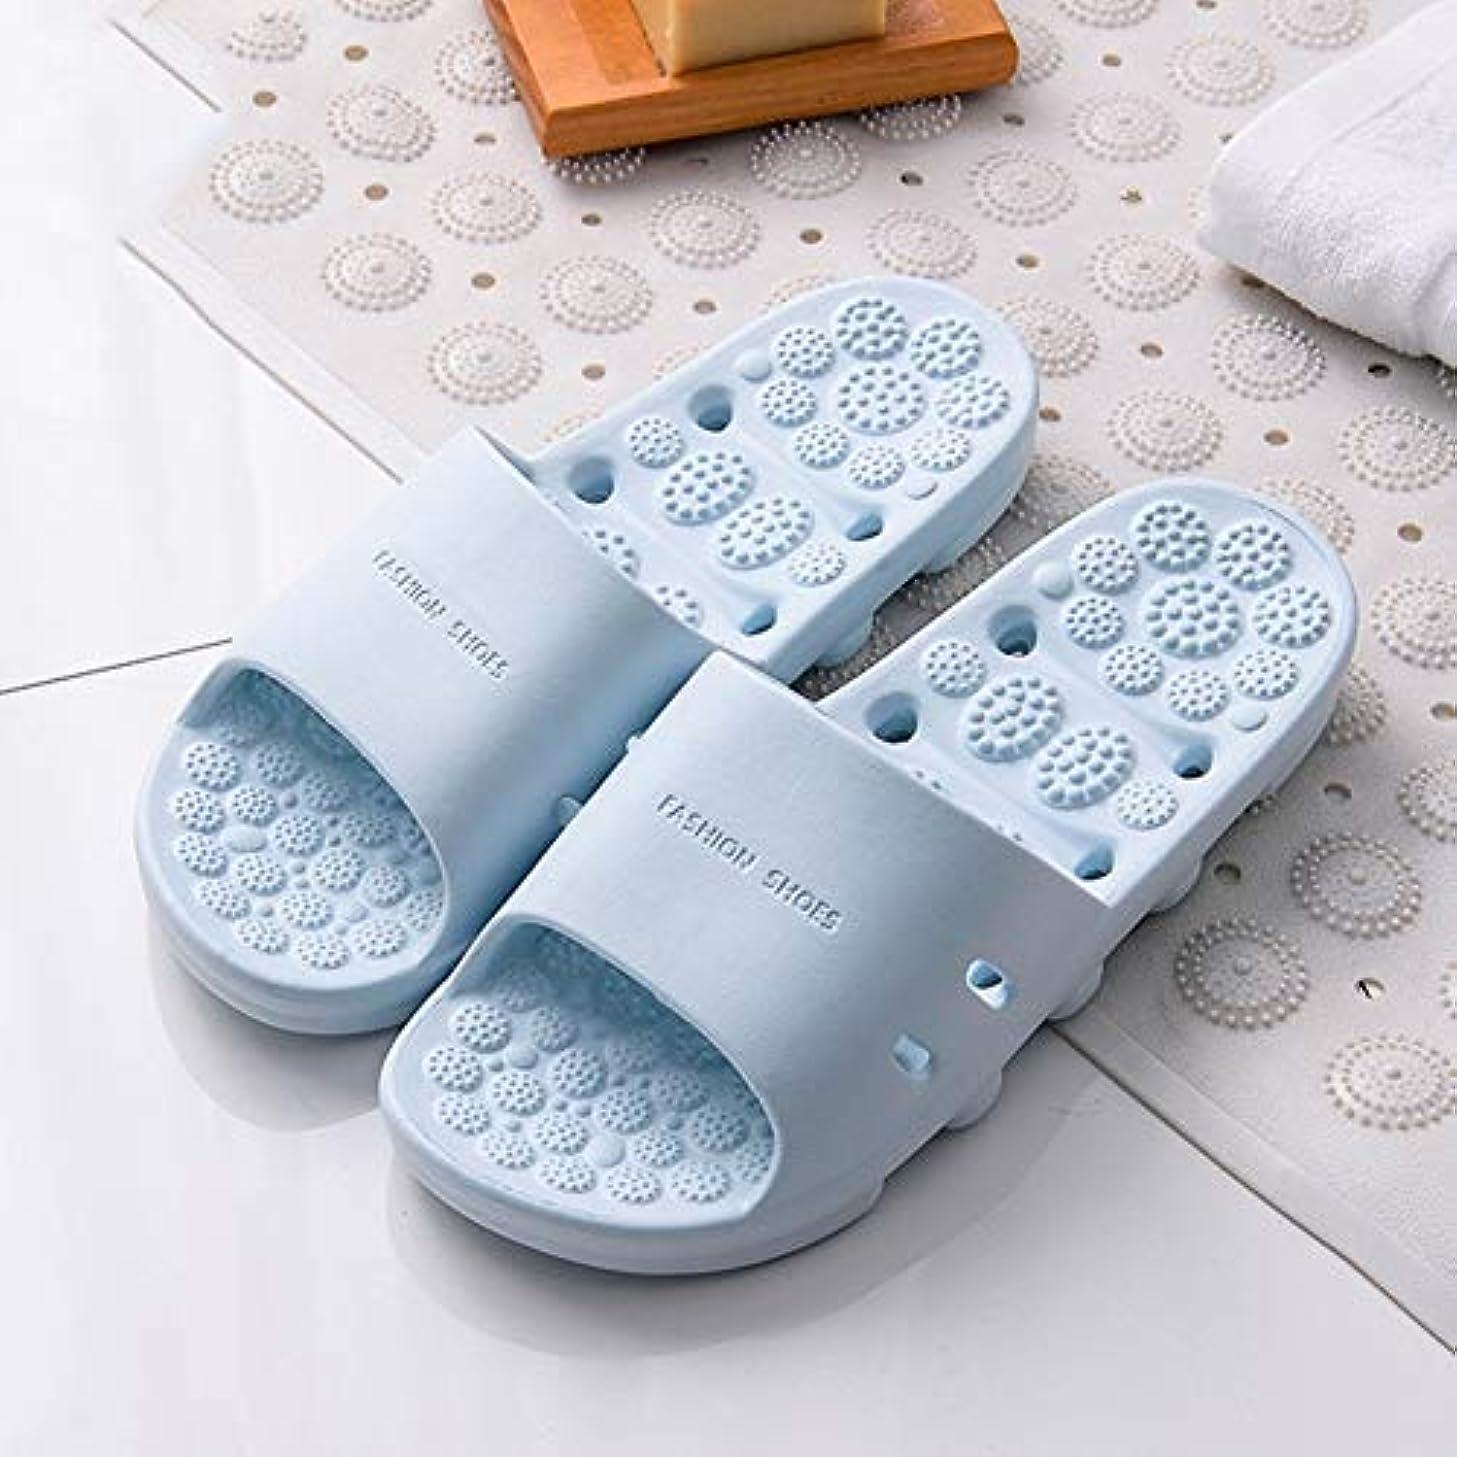 通知膨らませるとらえどころのないマッサージスリッパ厚い底中空速乾性滑り止め足の筋膜炎の足のツボマッサージ健康マッサージの靴夏のバスルームのスリッパ